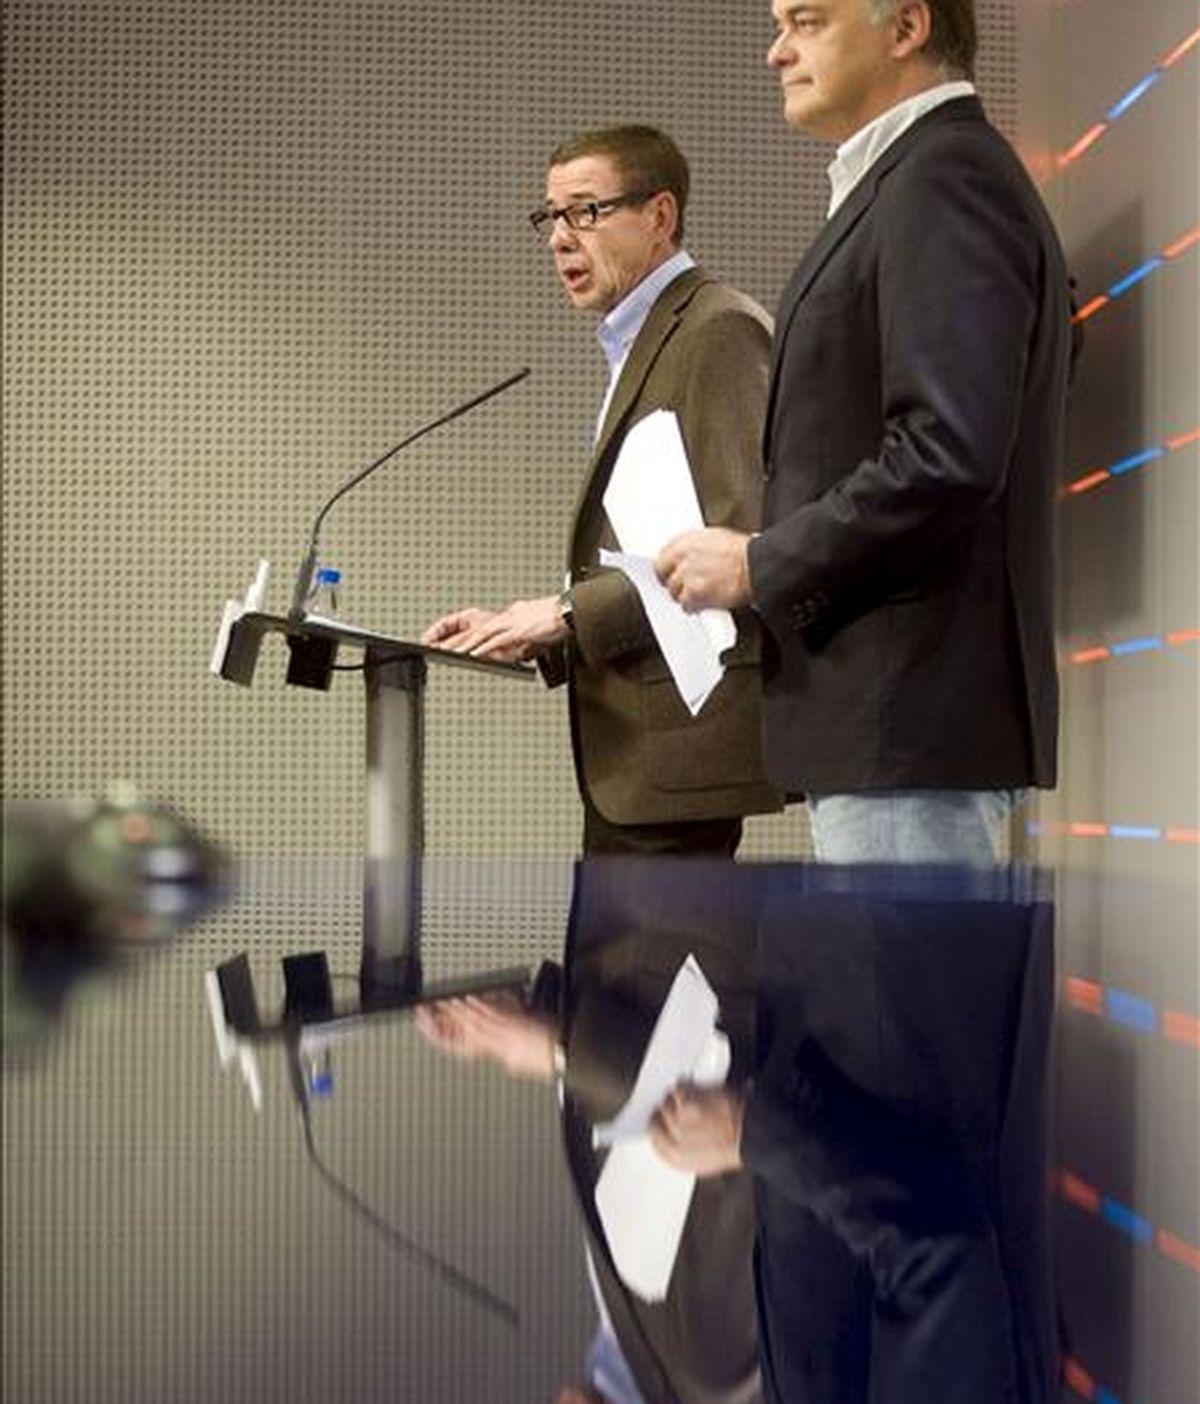 El vicesecretario general del PP, Esteban González Pons (d), y el secretario general del PP de la Comunitat Valenciana, Antonio Clemente, durante la rueda de prensa que han ofrecido en la sede de los populares valencianos, para dar un repaso de la actualidad política. EFE